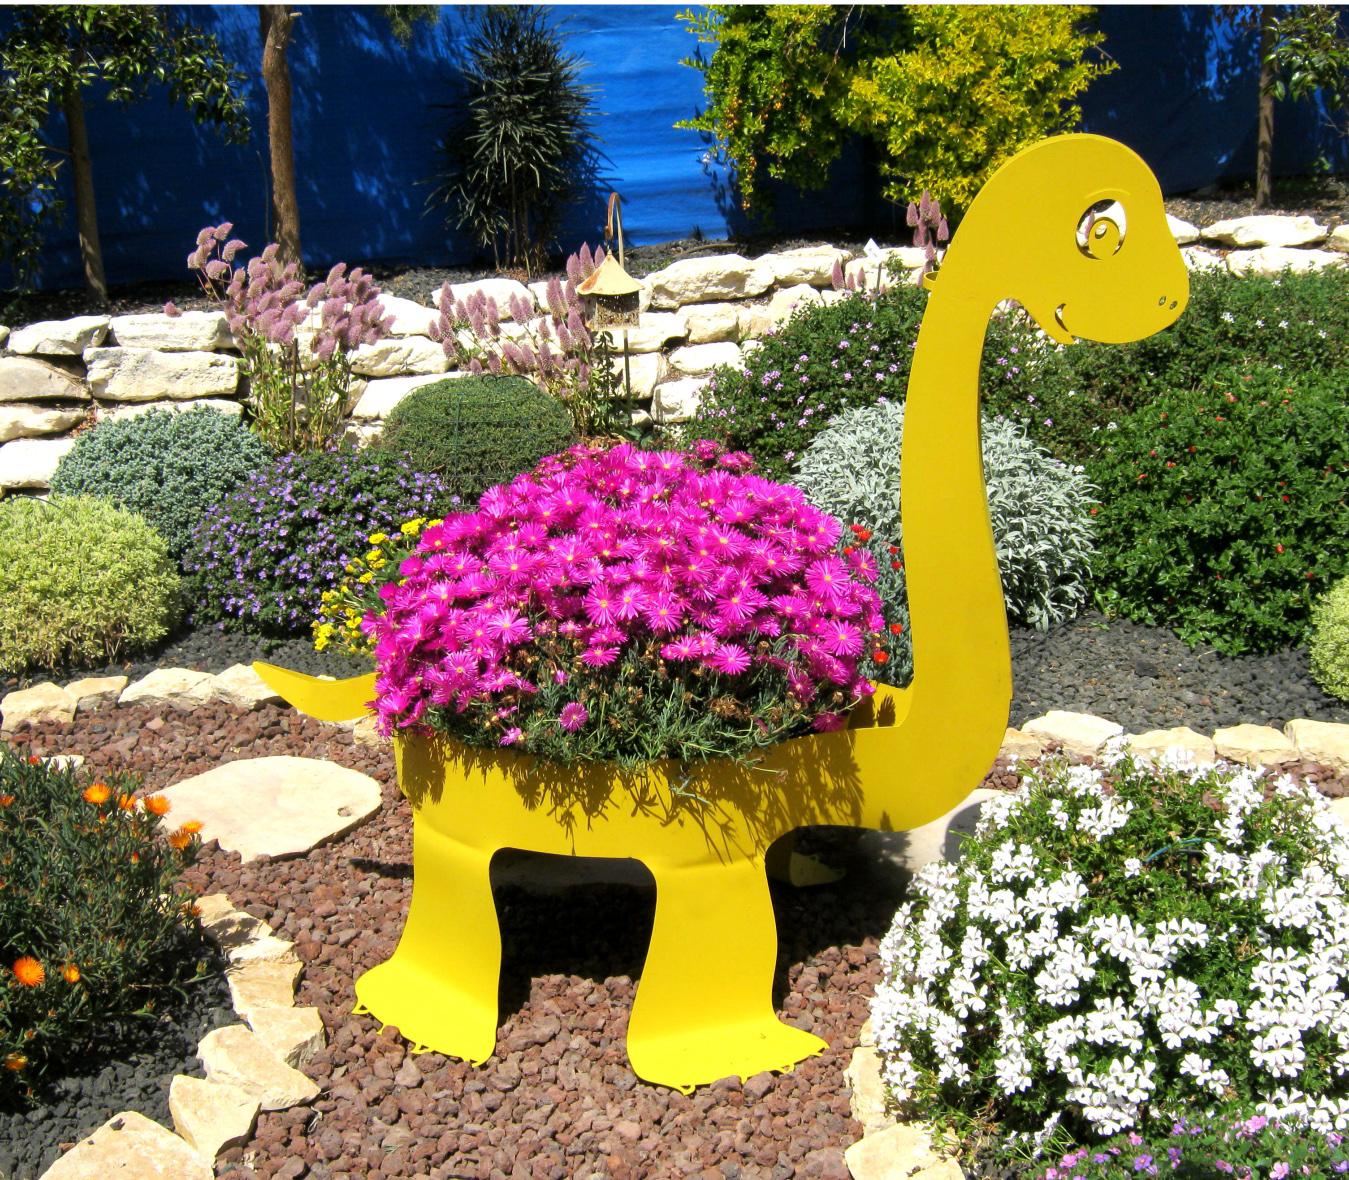 אדנית בדמות דינוזאור